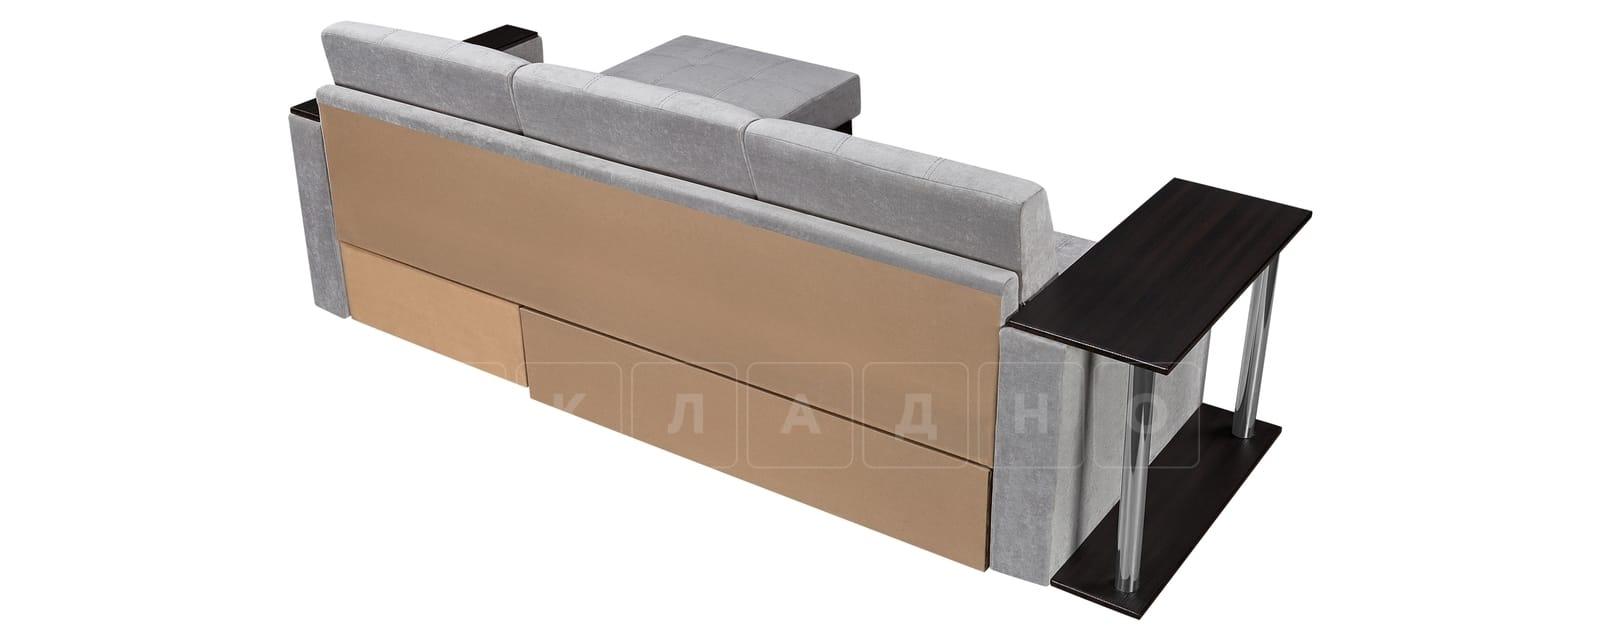 Угловой диван Атланта велюр светло-серый фото 3 | интернет-магазин Складно